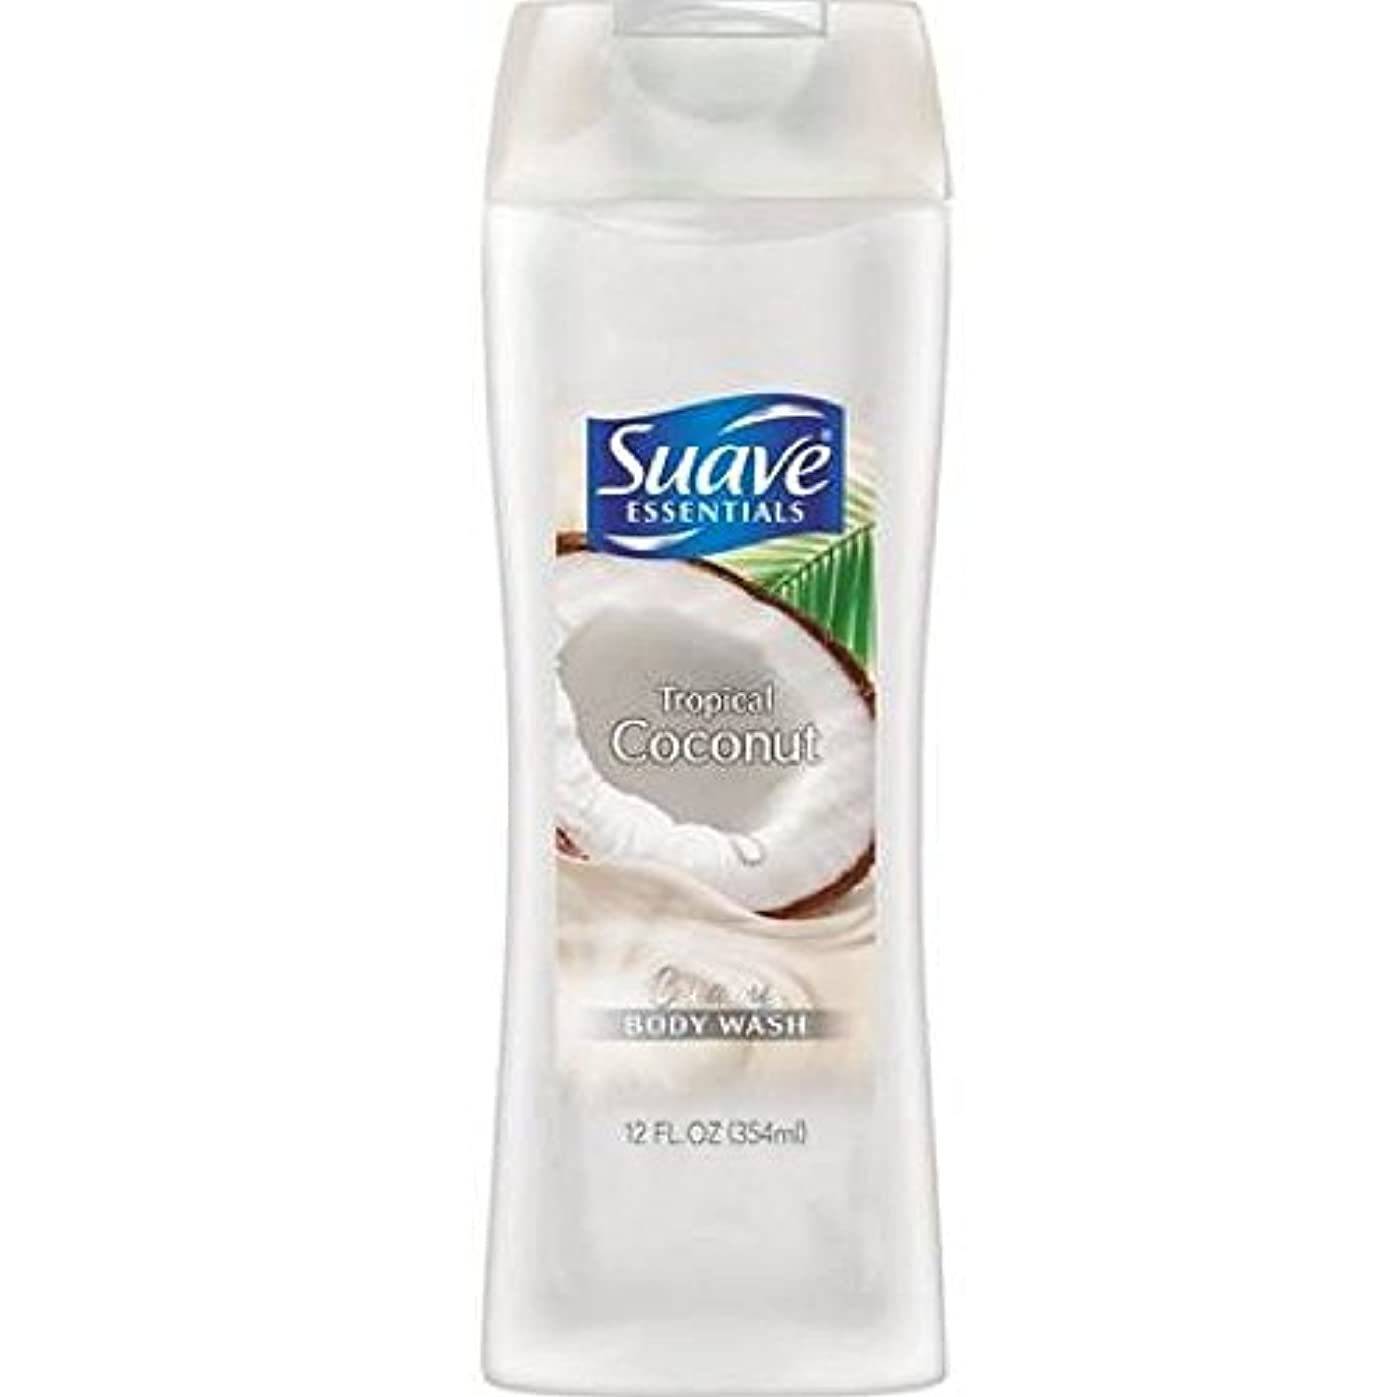 石の砂ステーキSuave Naturals Body Wash - Tropical Coconut - 12 oz - 2 pk by Suave [並行輸入品]